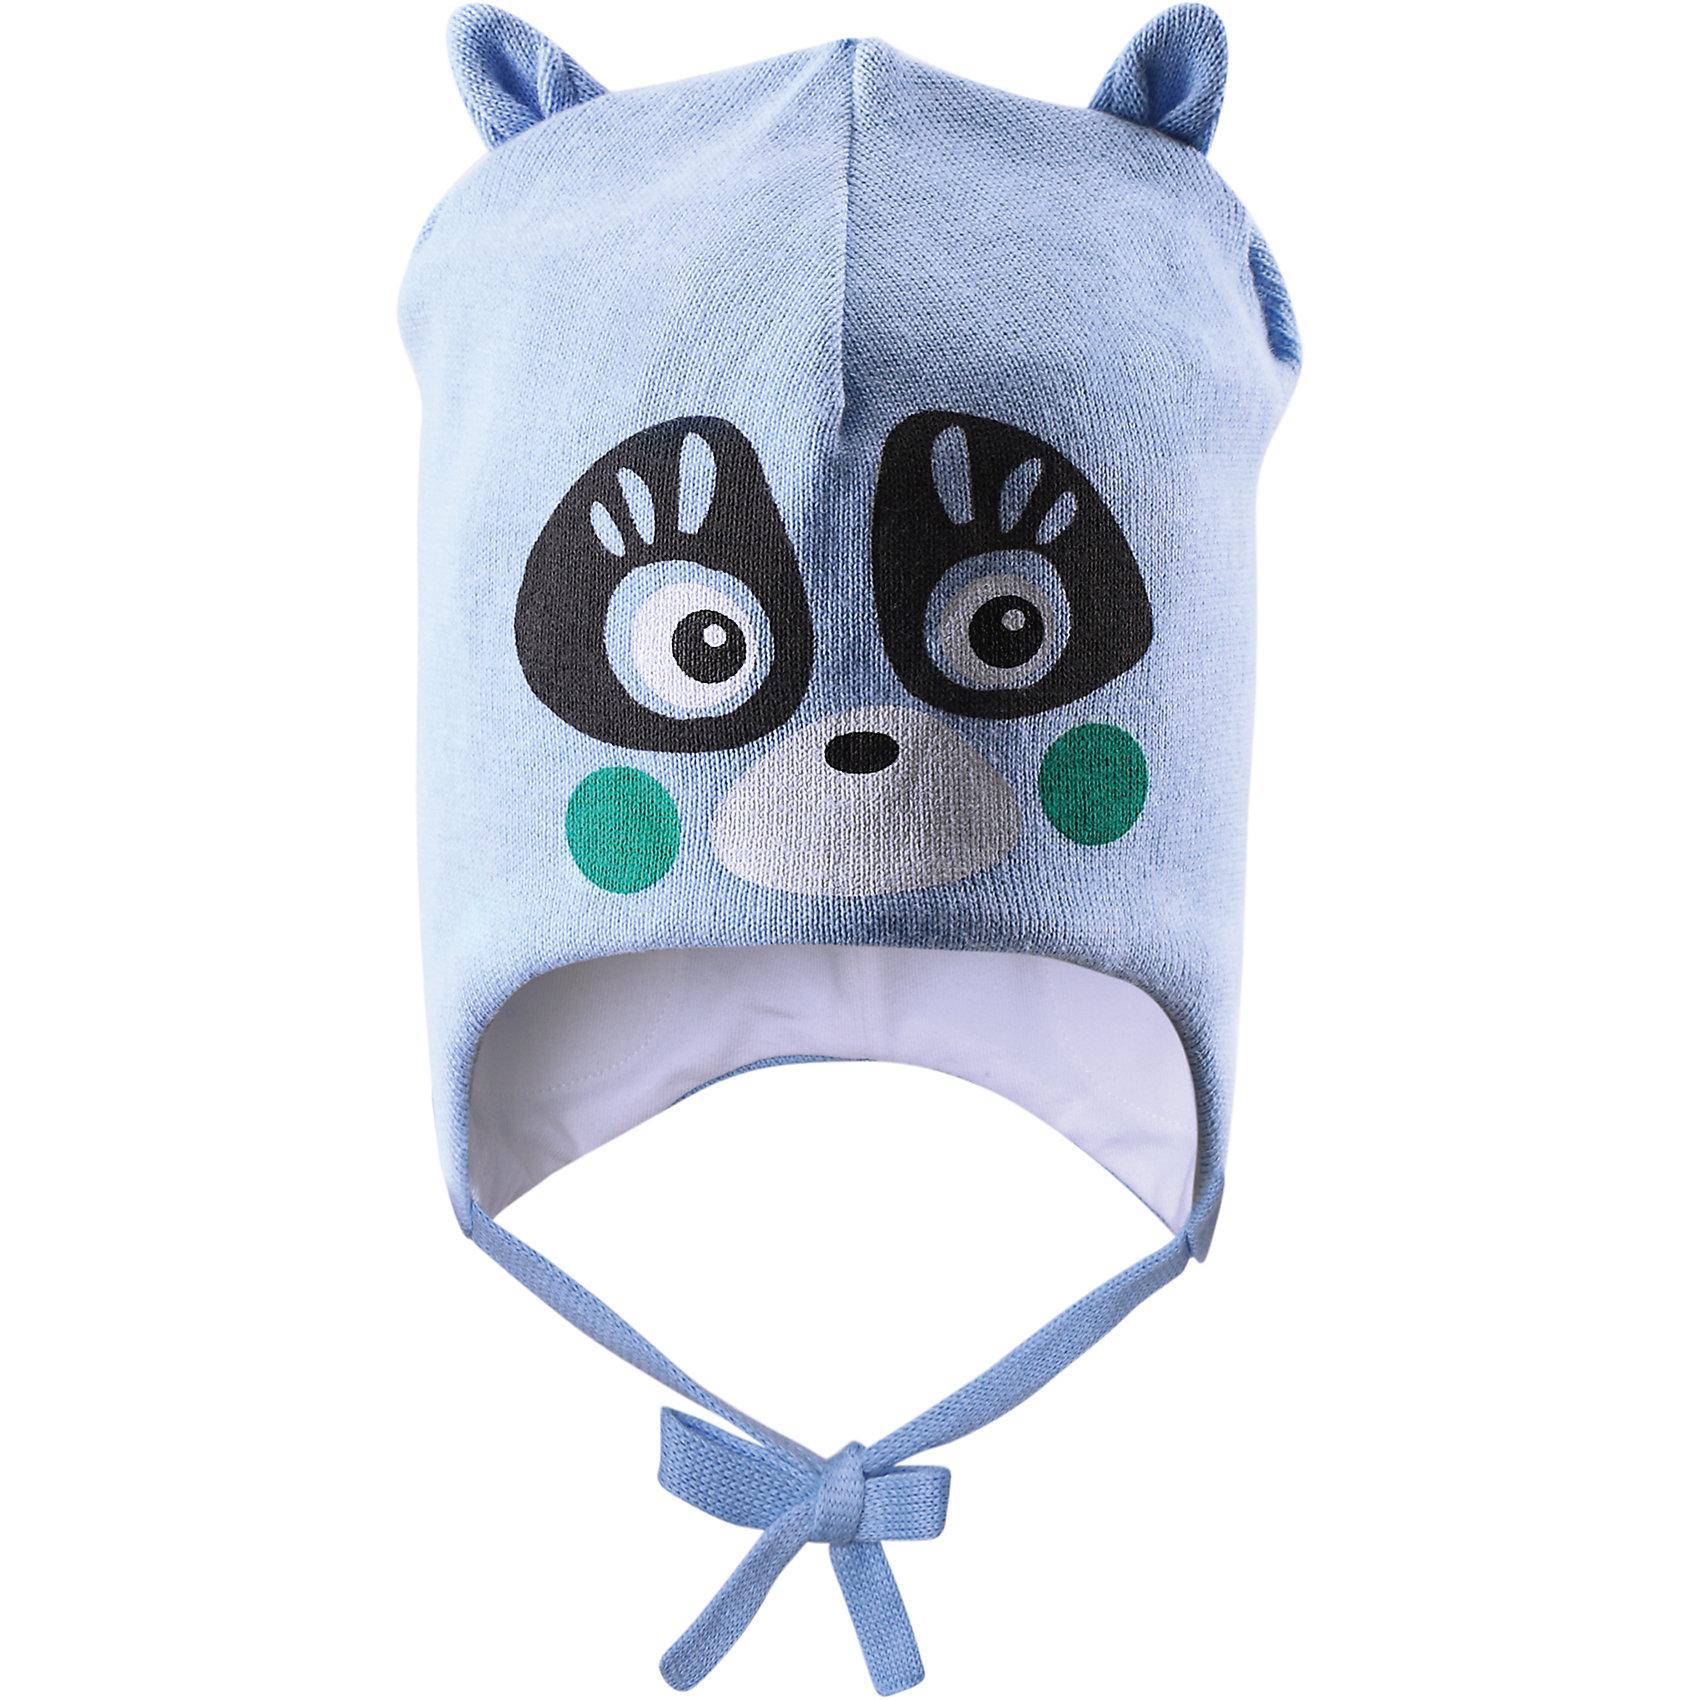 Шапка  LASSIE by ReimaШапка от известной компании LASSIE by Reima<br><br>Модная теплая шапка - отличная вещь для прогулок и активного отдыха. Она стильно смотрится и хорошо сидит.<br><br>Яркая расцветка оживляет дизайн изделия - такую вещь дети будут носить с удовольствием!<br><br>Особенности модели:<br><br>- цвет: голубой;<br>- приятный материал;<br>- натуральный хлопок;<br>- стильный дизайн;<br>- завязки;<br>- ветронепроницаемые вставки для защиты ушей;<br>- декорирована принтом и ушками;<br>- глубокая посадка.<br><br>Дополнительная информация:<br><br>Температурный режим: от -15° до +10° С<br><br>Состав: 100% хлопок<br><br>Шапку от известной компании LASSIE by Reima (Лэсси Рейма) можно купить в нашем магазине.<br><br>Ширина мм: 89<br>Глубина мм: 117<br>Высота мм: 44<br>Вес г: 155<br>Цвет: голубой<br>Возраст от месяцев: 6<br>Возраст до месяцев: 12<br>Пол: Унисекс<br>Возраст: Детский<br>Размер: 44-46,50-52,42-44,46-48<br>SKU: 4554922